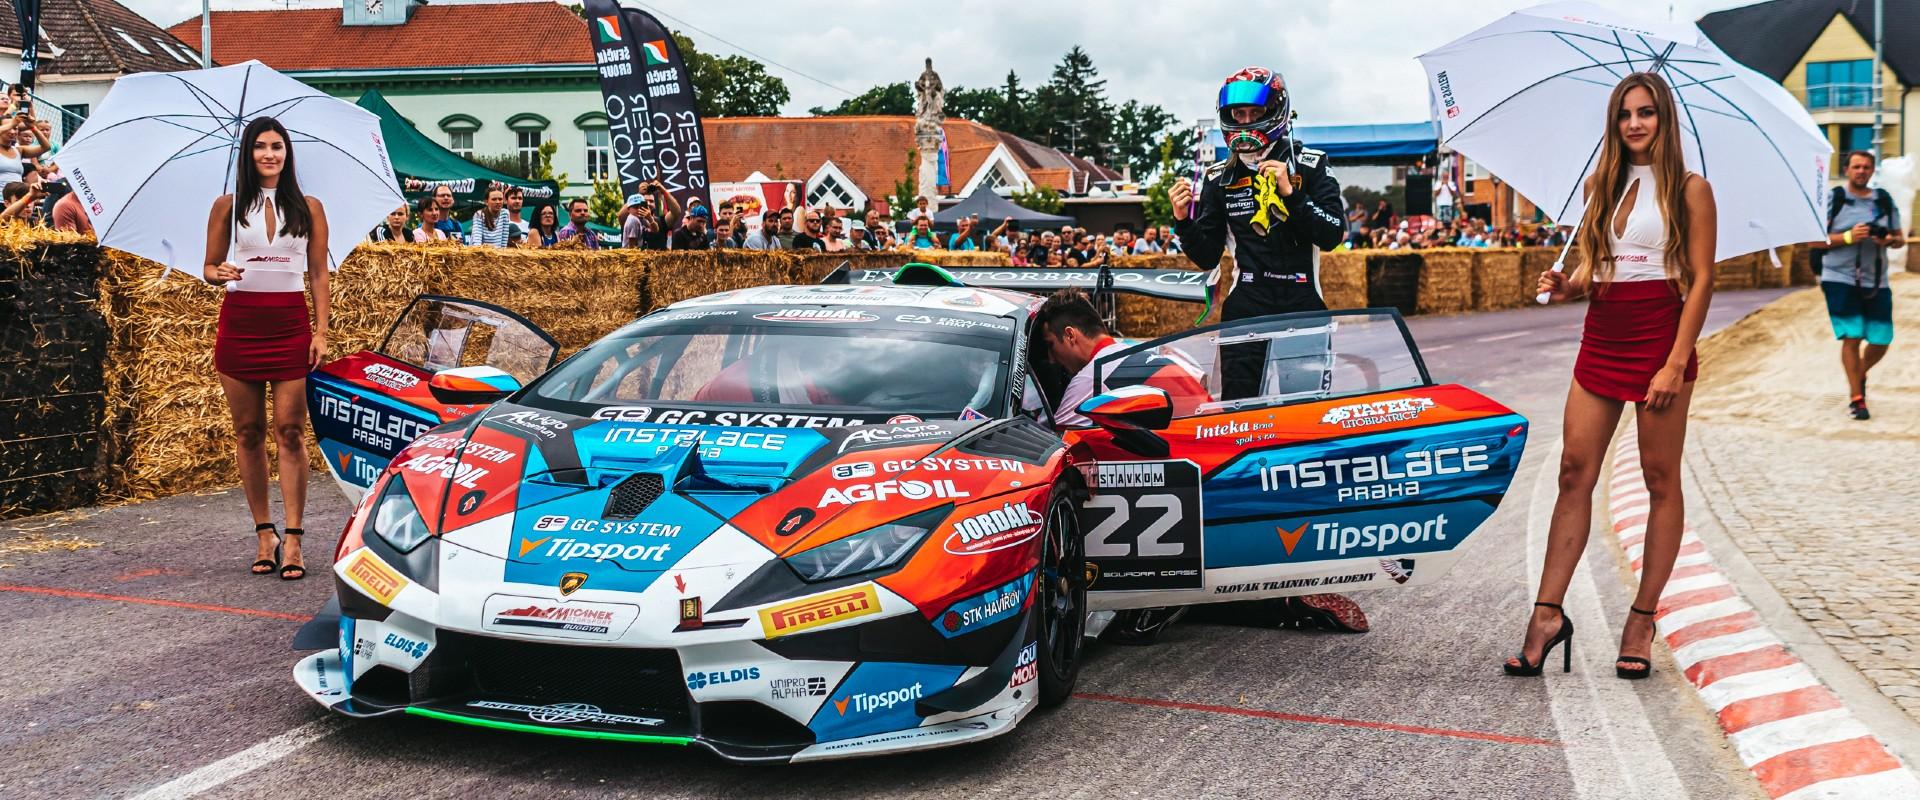 Sto sedmdesát ve městě: Huracány Mičánek Motorsport powered by Buggyra pobaví diváky na exhibici v Hrušovanech